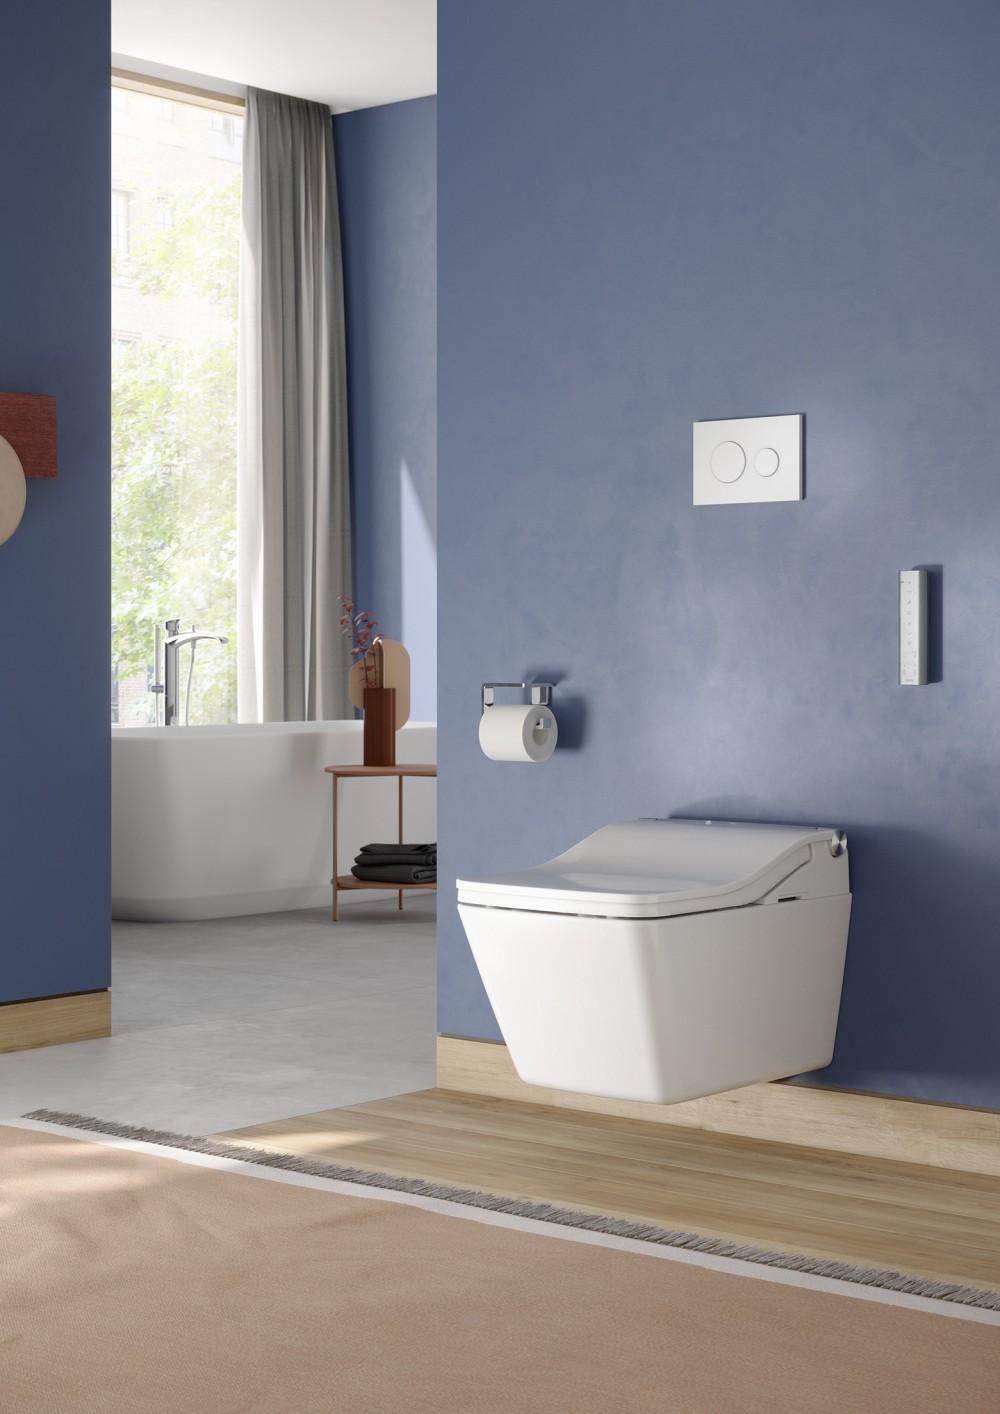 TCF803CG toto washlet sw